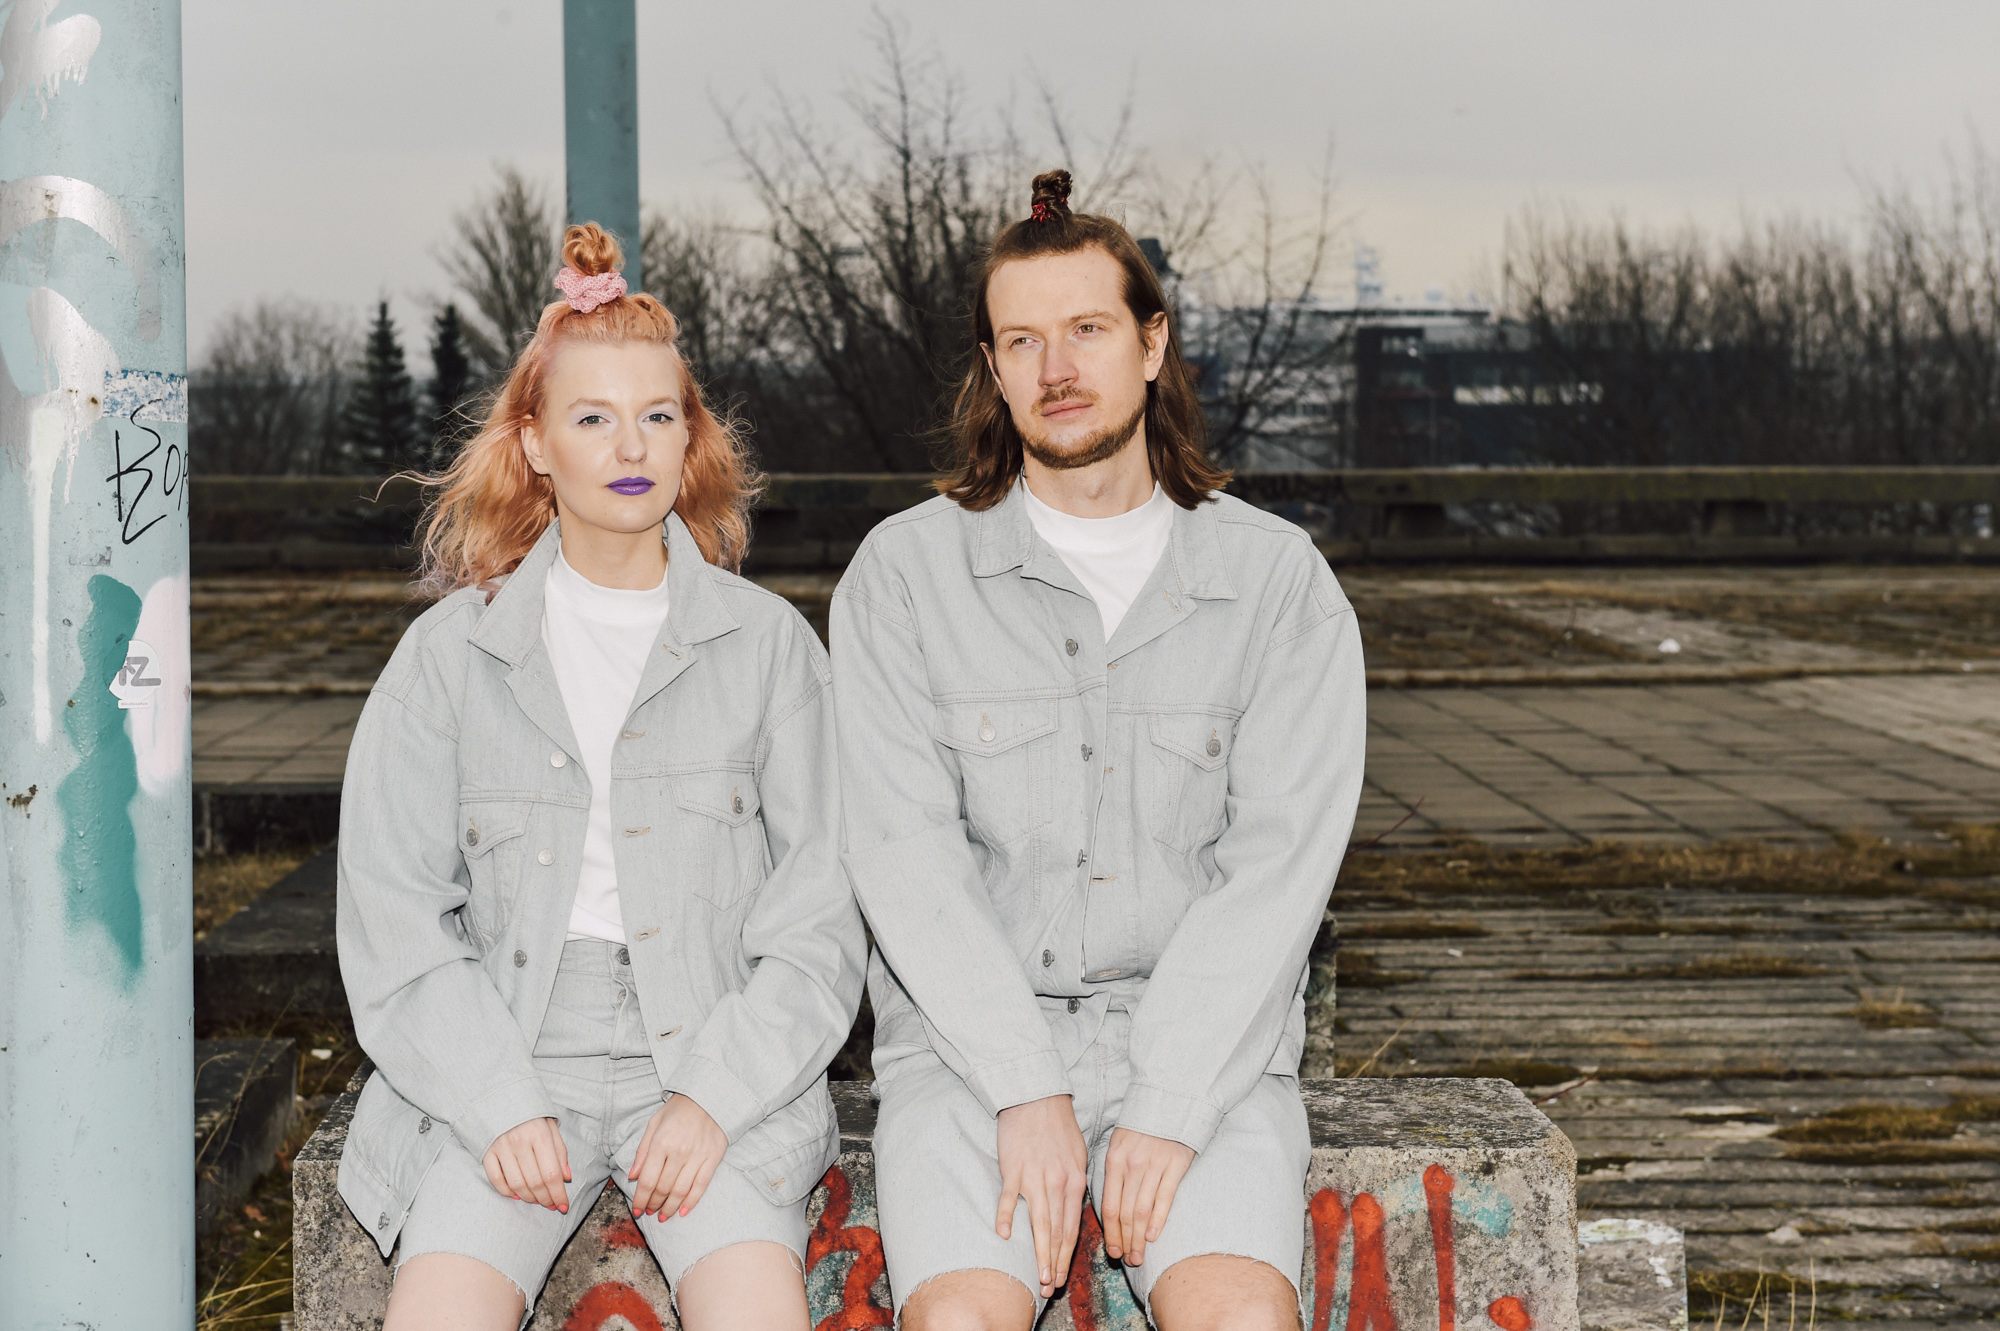 Гендер і мода  чи чекає на нас гендерно нейтральне майбутнє  http ... bbbd446378b55